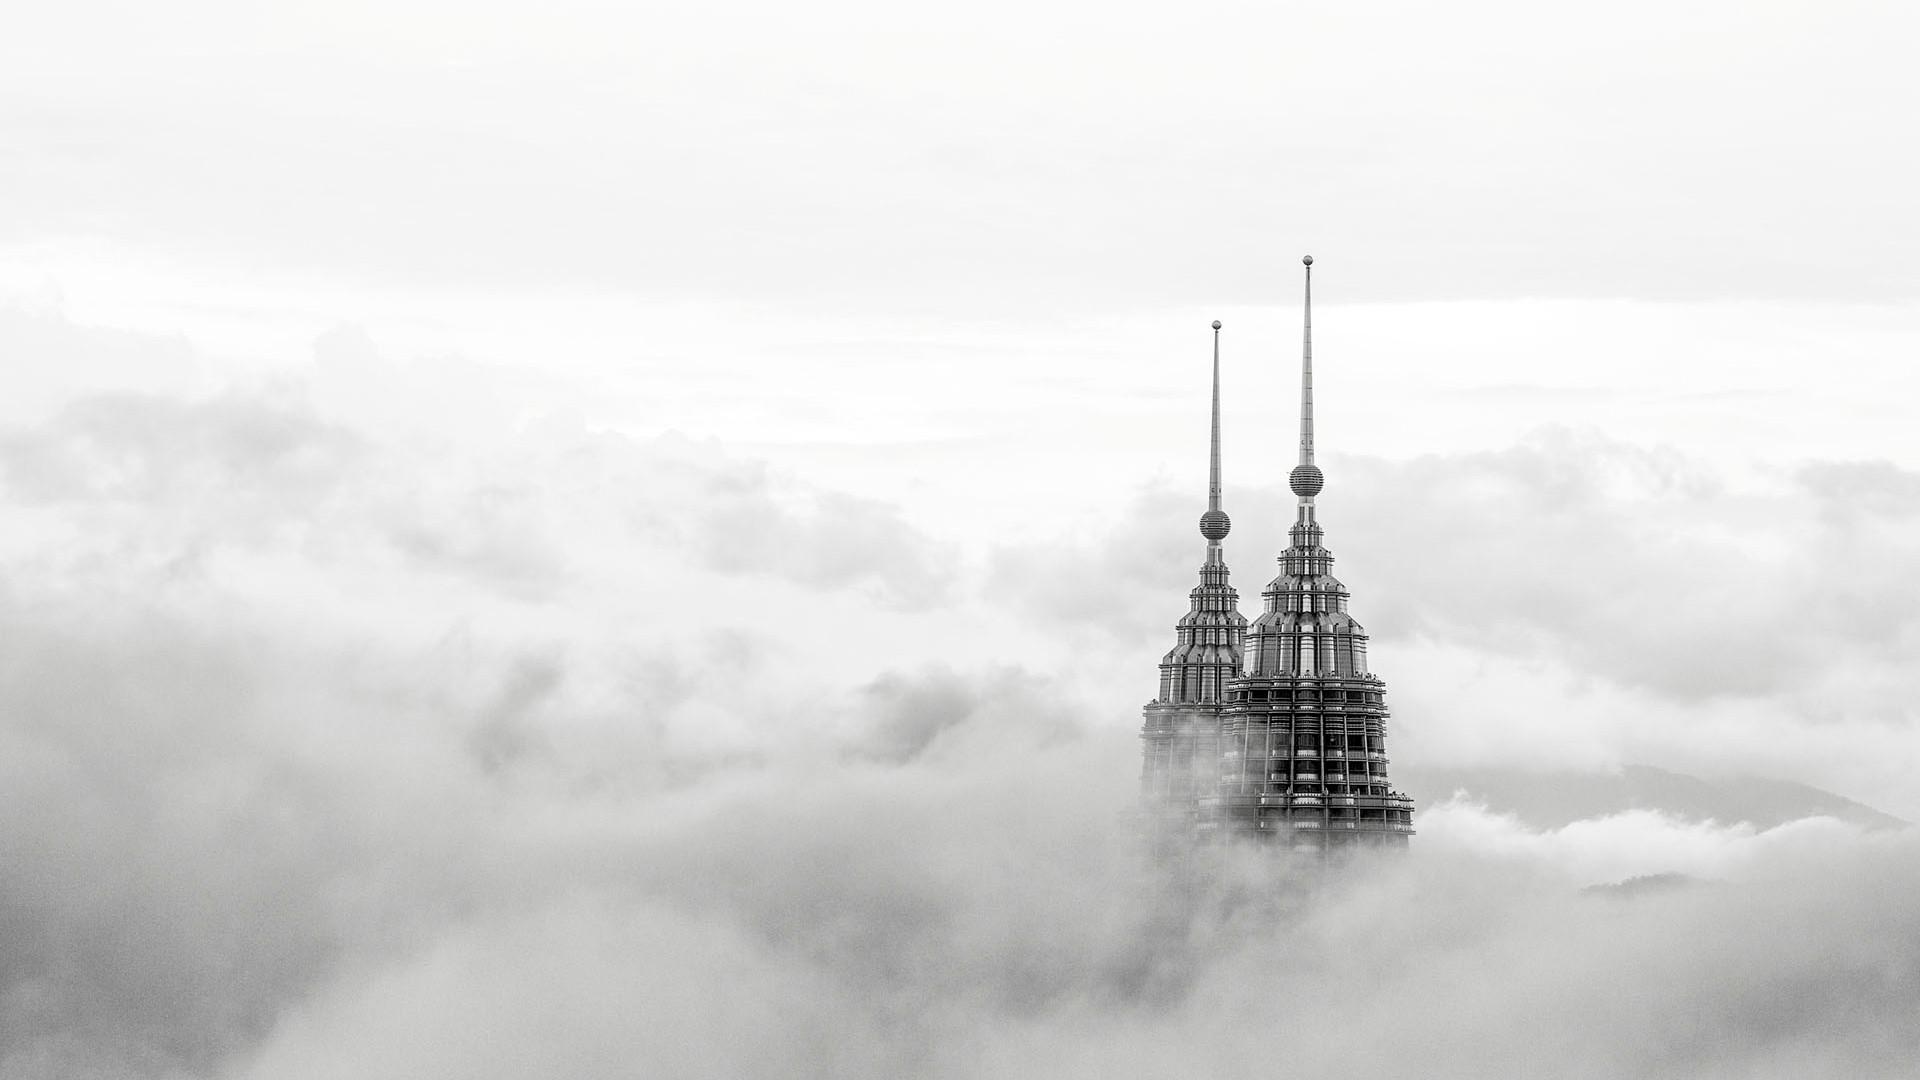 petronas-towers(bw)web.jpg